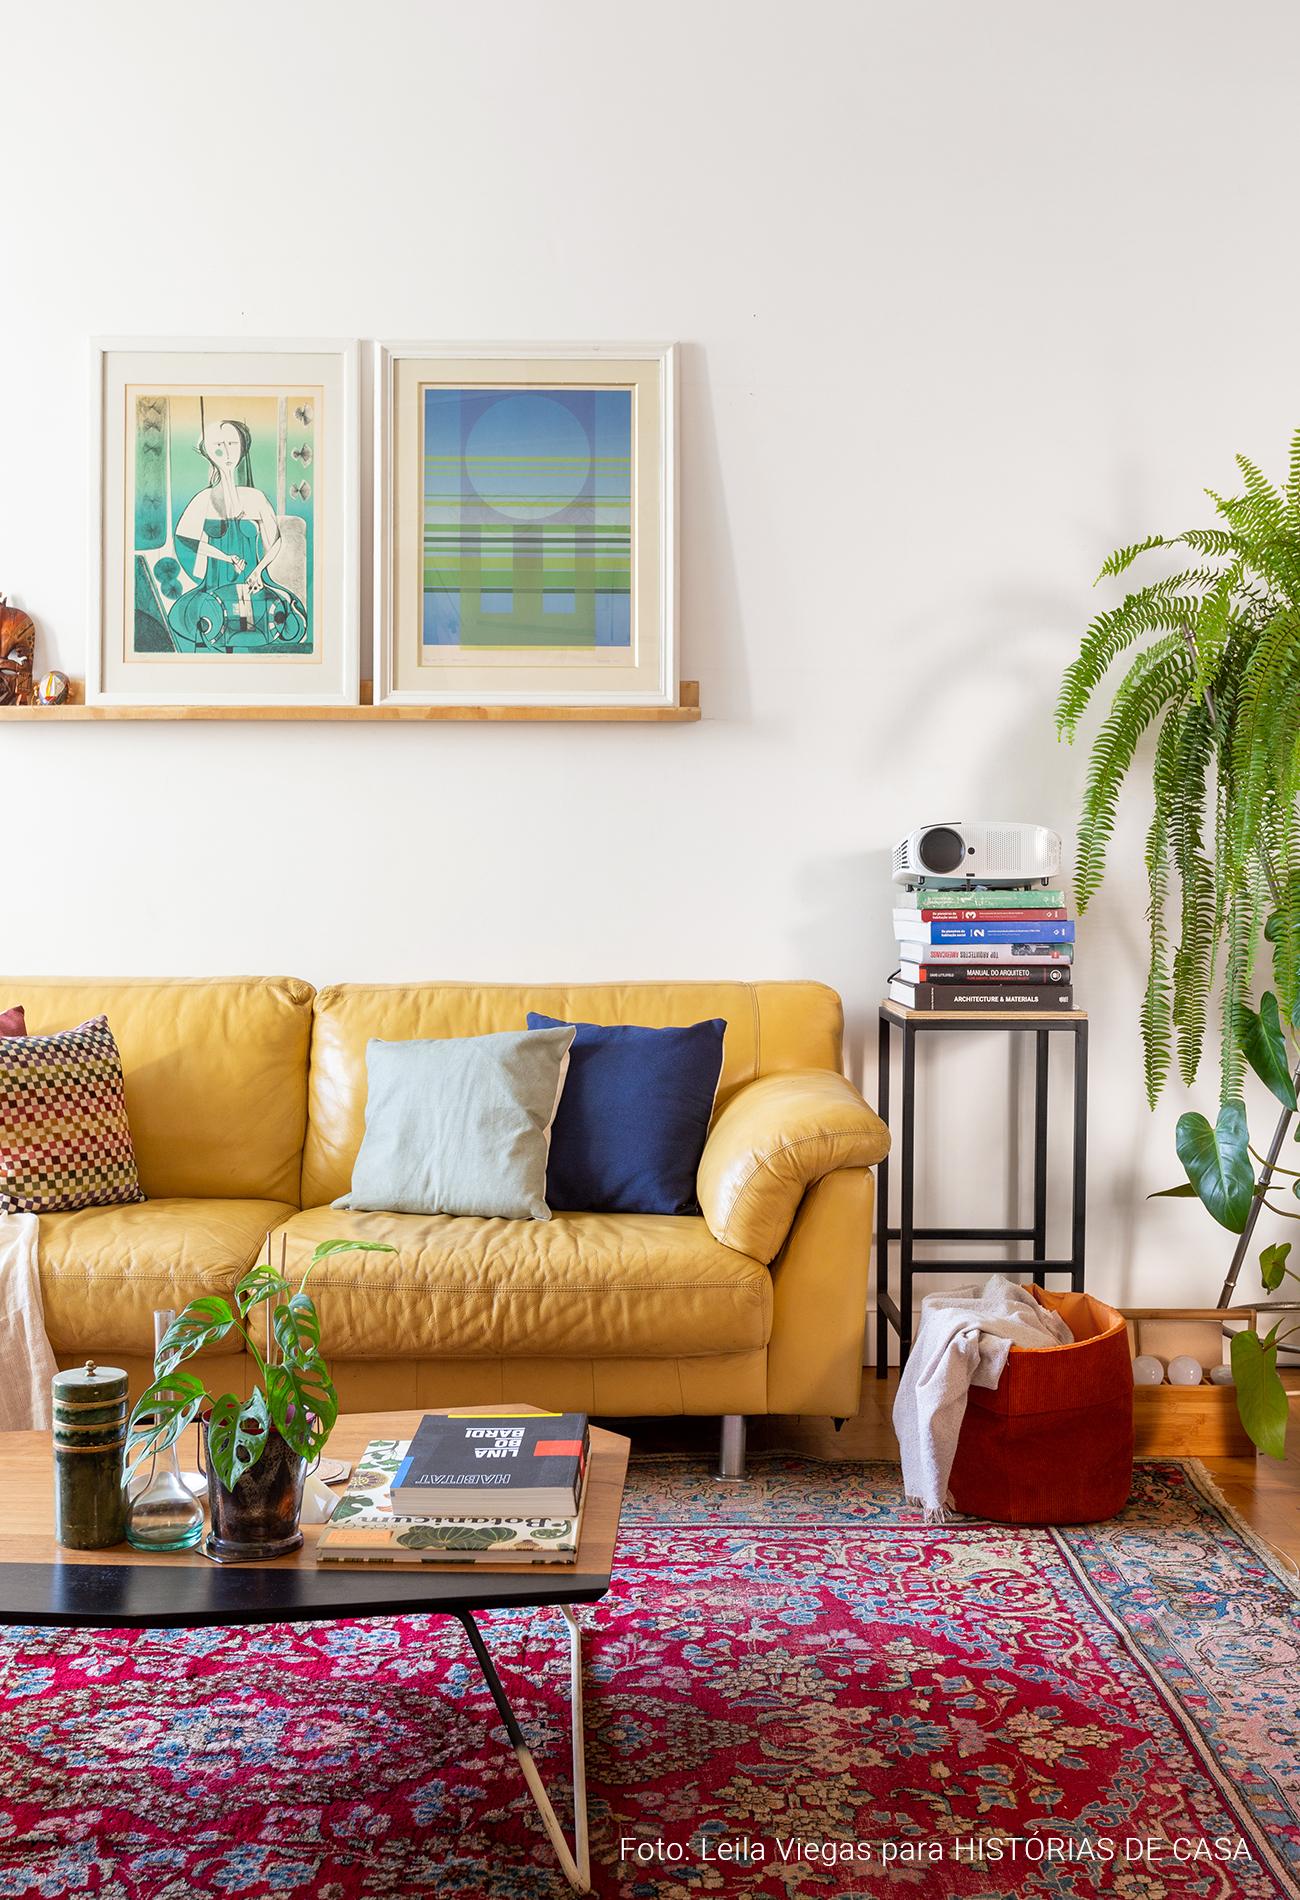 Apartamento colorido com muitas plantas e móveis vintage